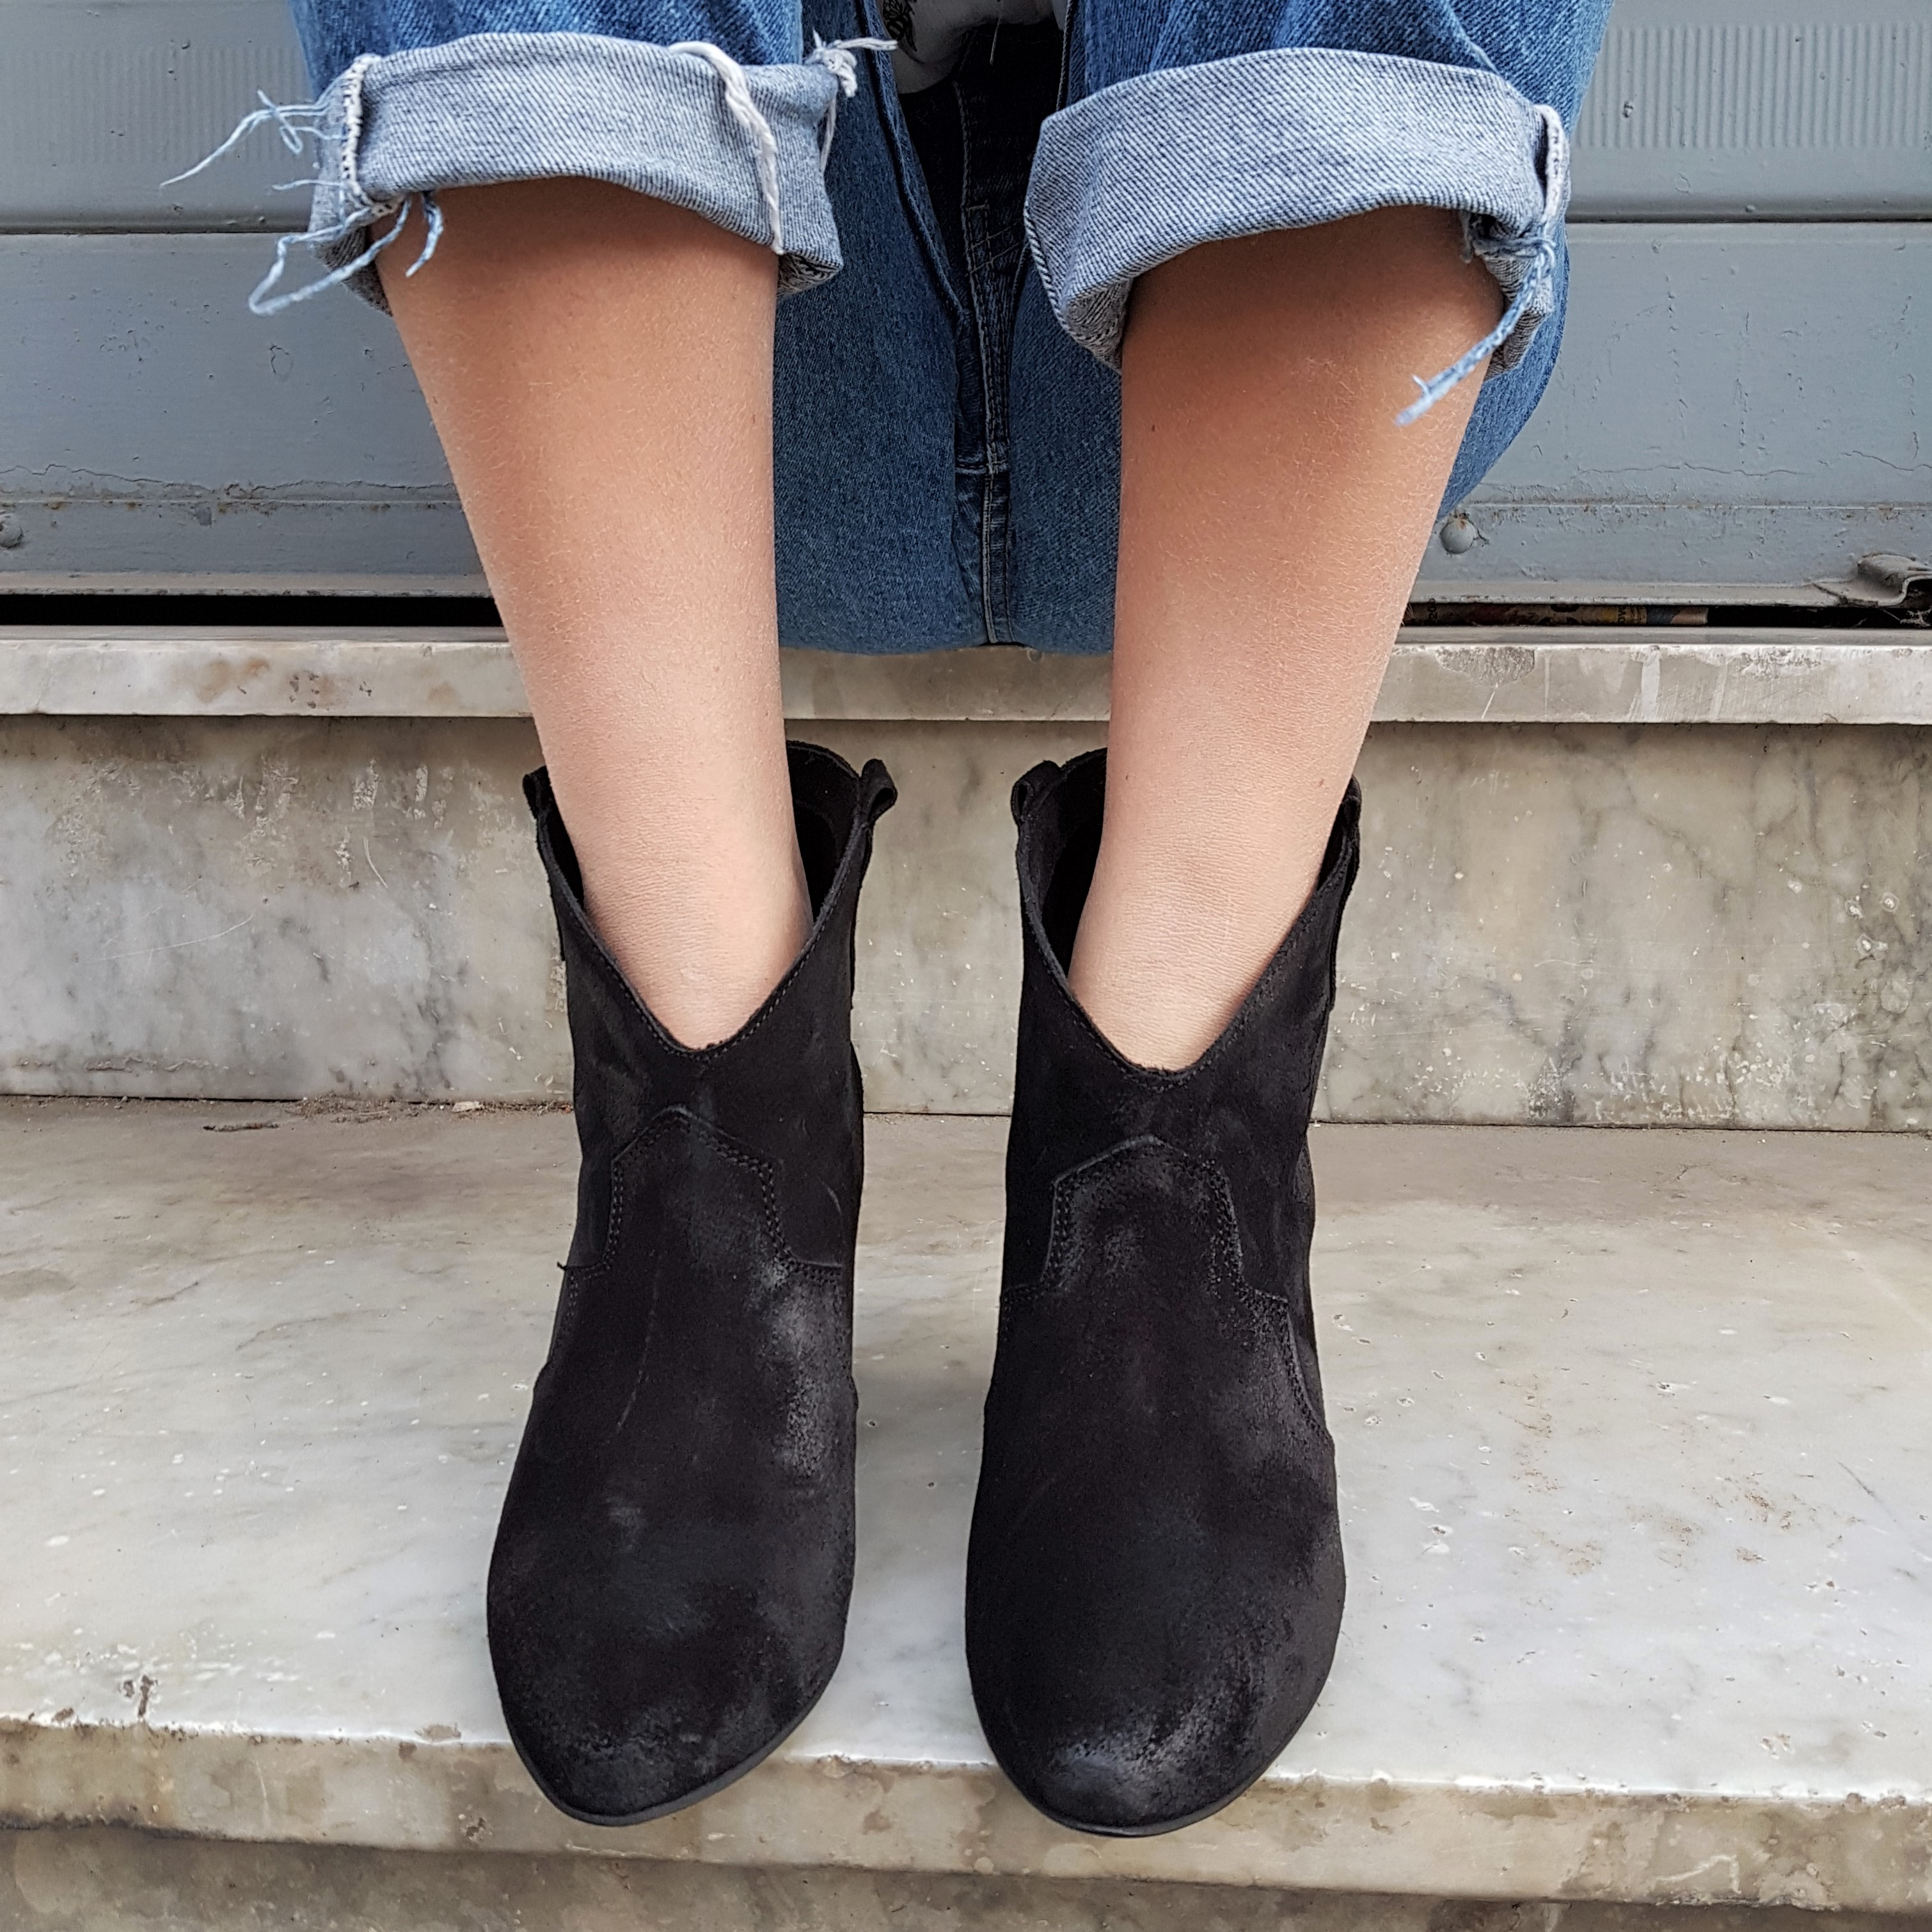 Stivaletti camoscio nero annachiara 1 - Lia diva calzature ...